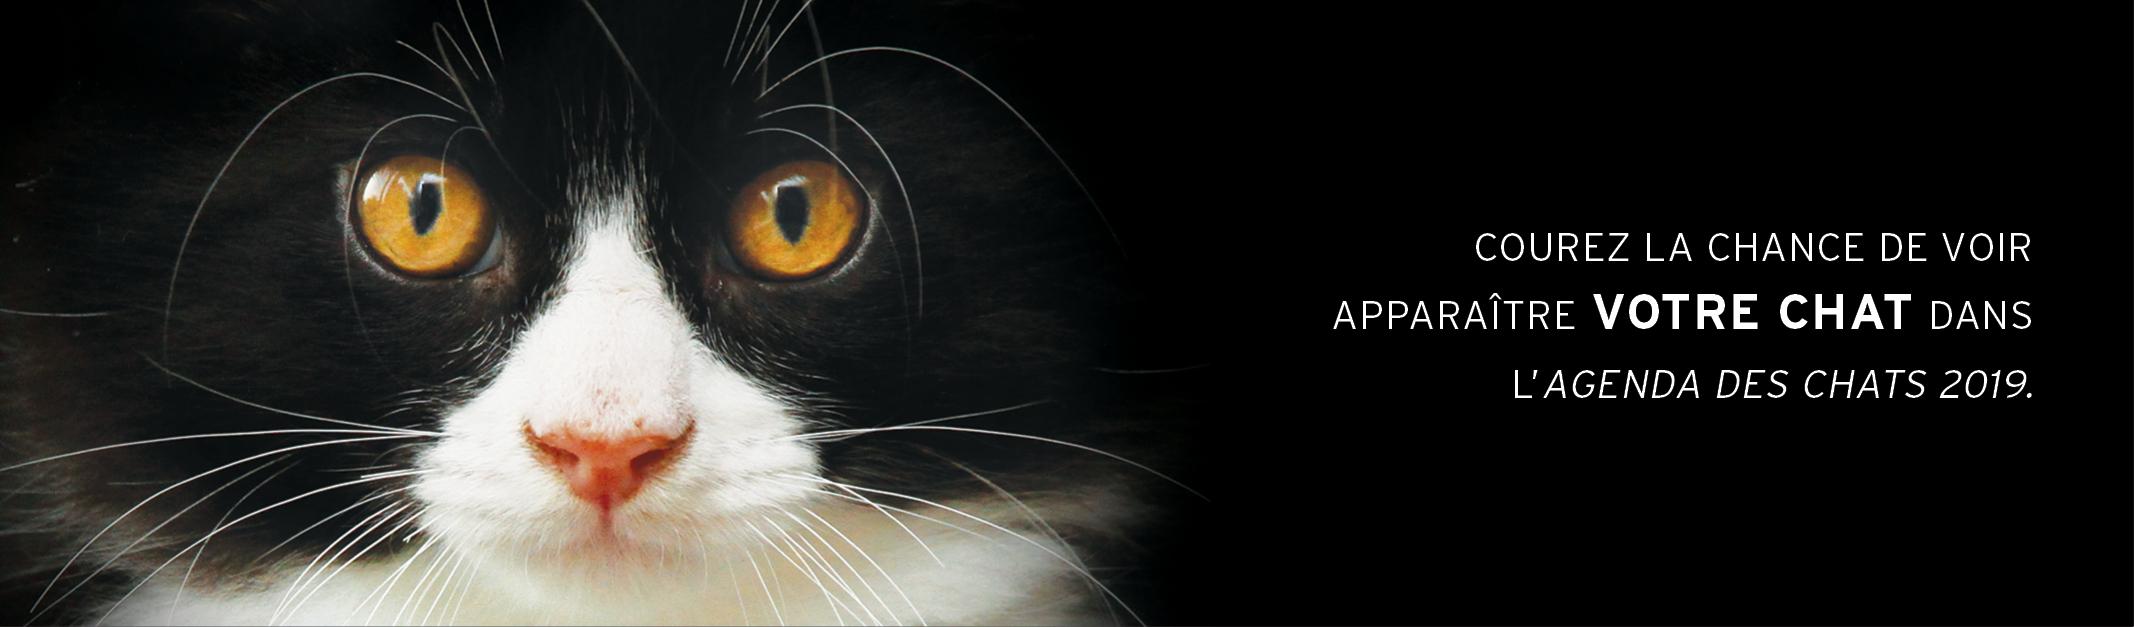 Concours - Agenda des chats 2018